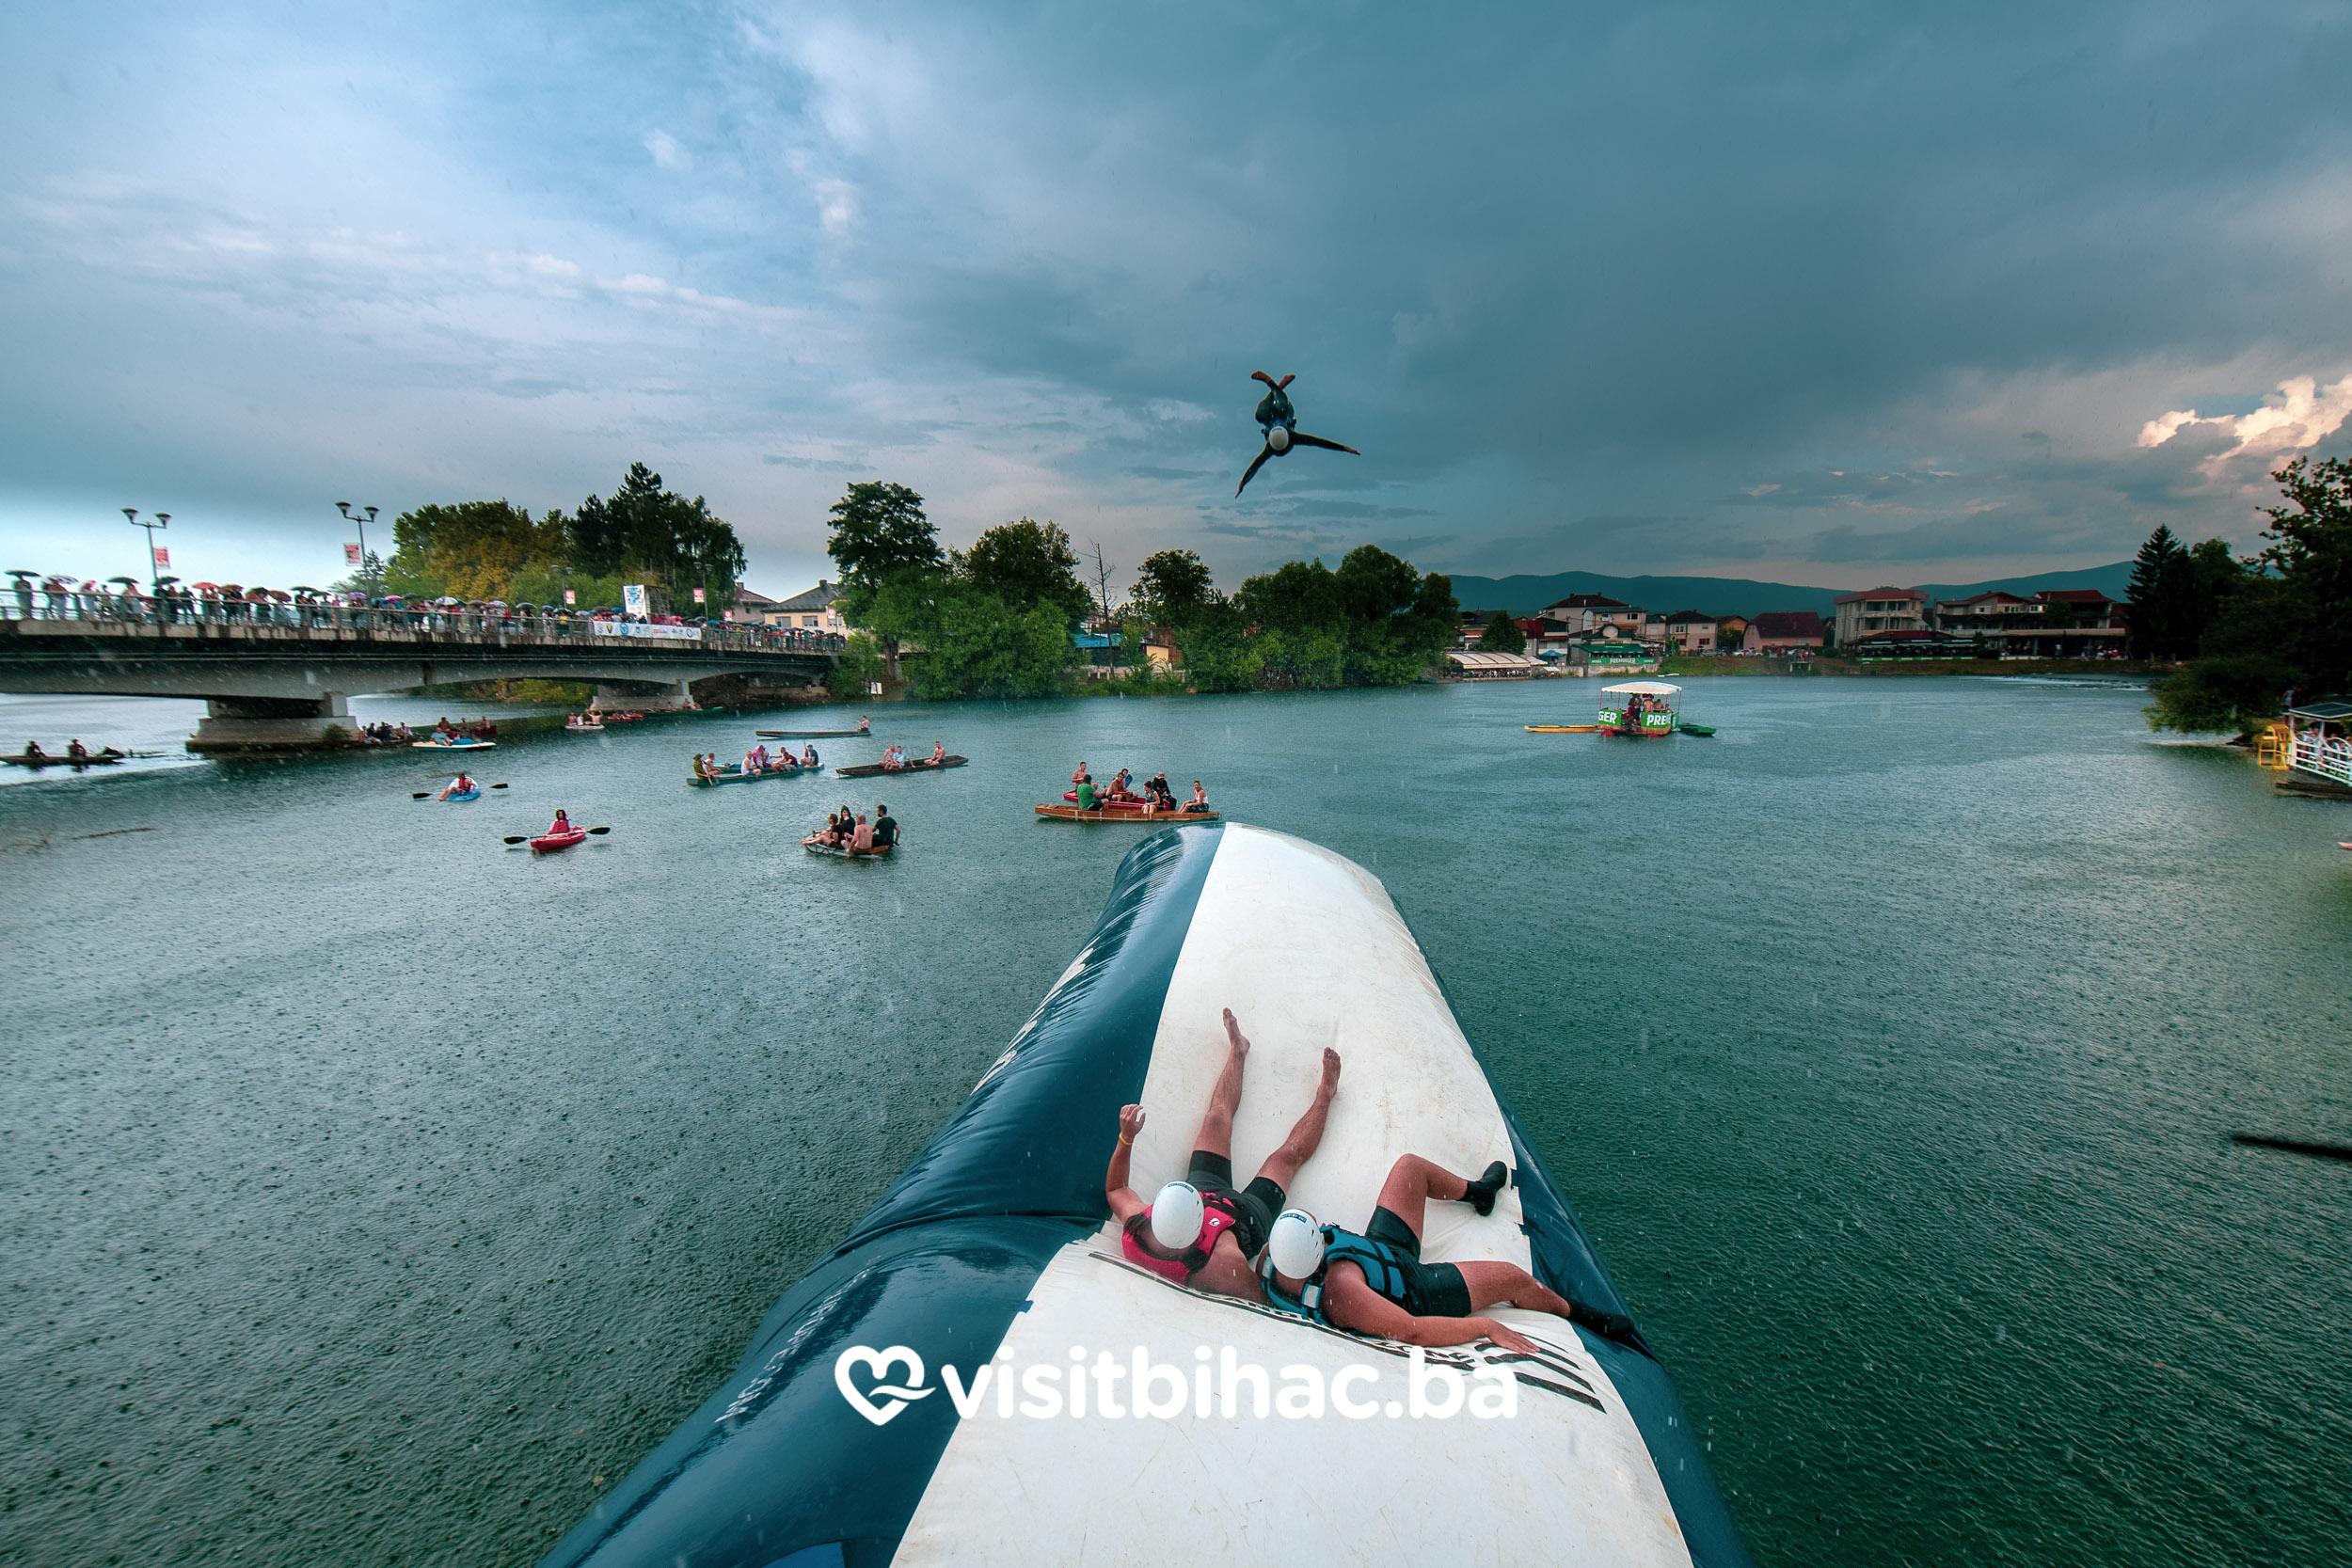 48.Internacionalna turistička Una regata 29.07-01.08.